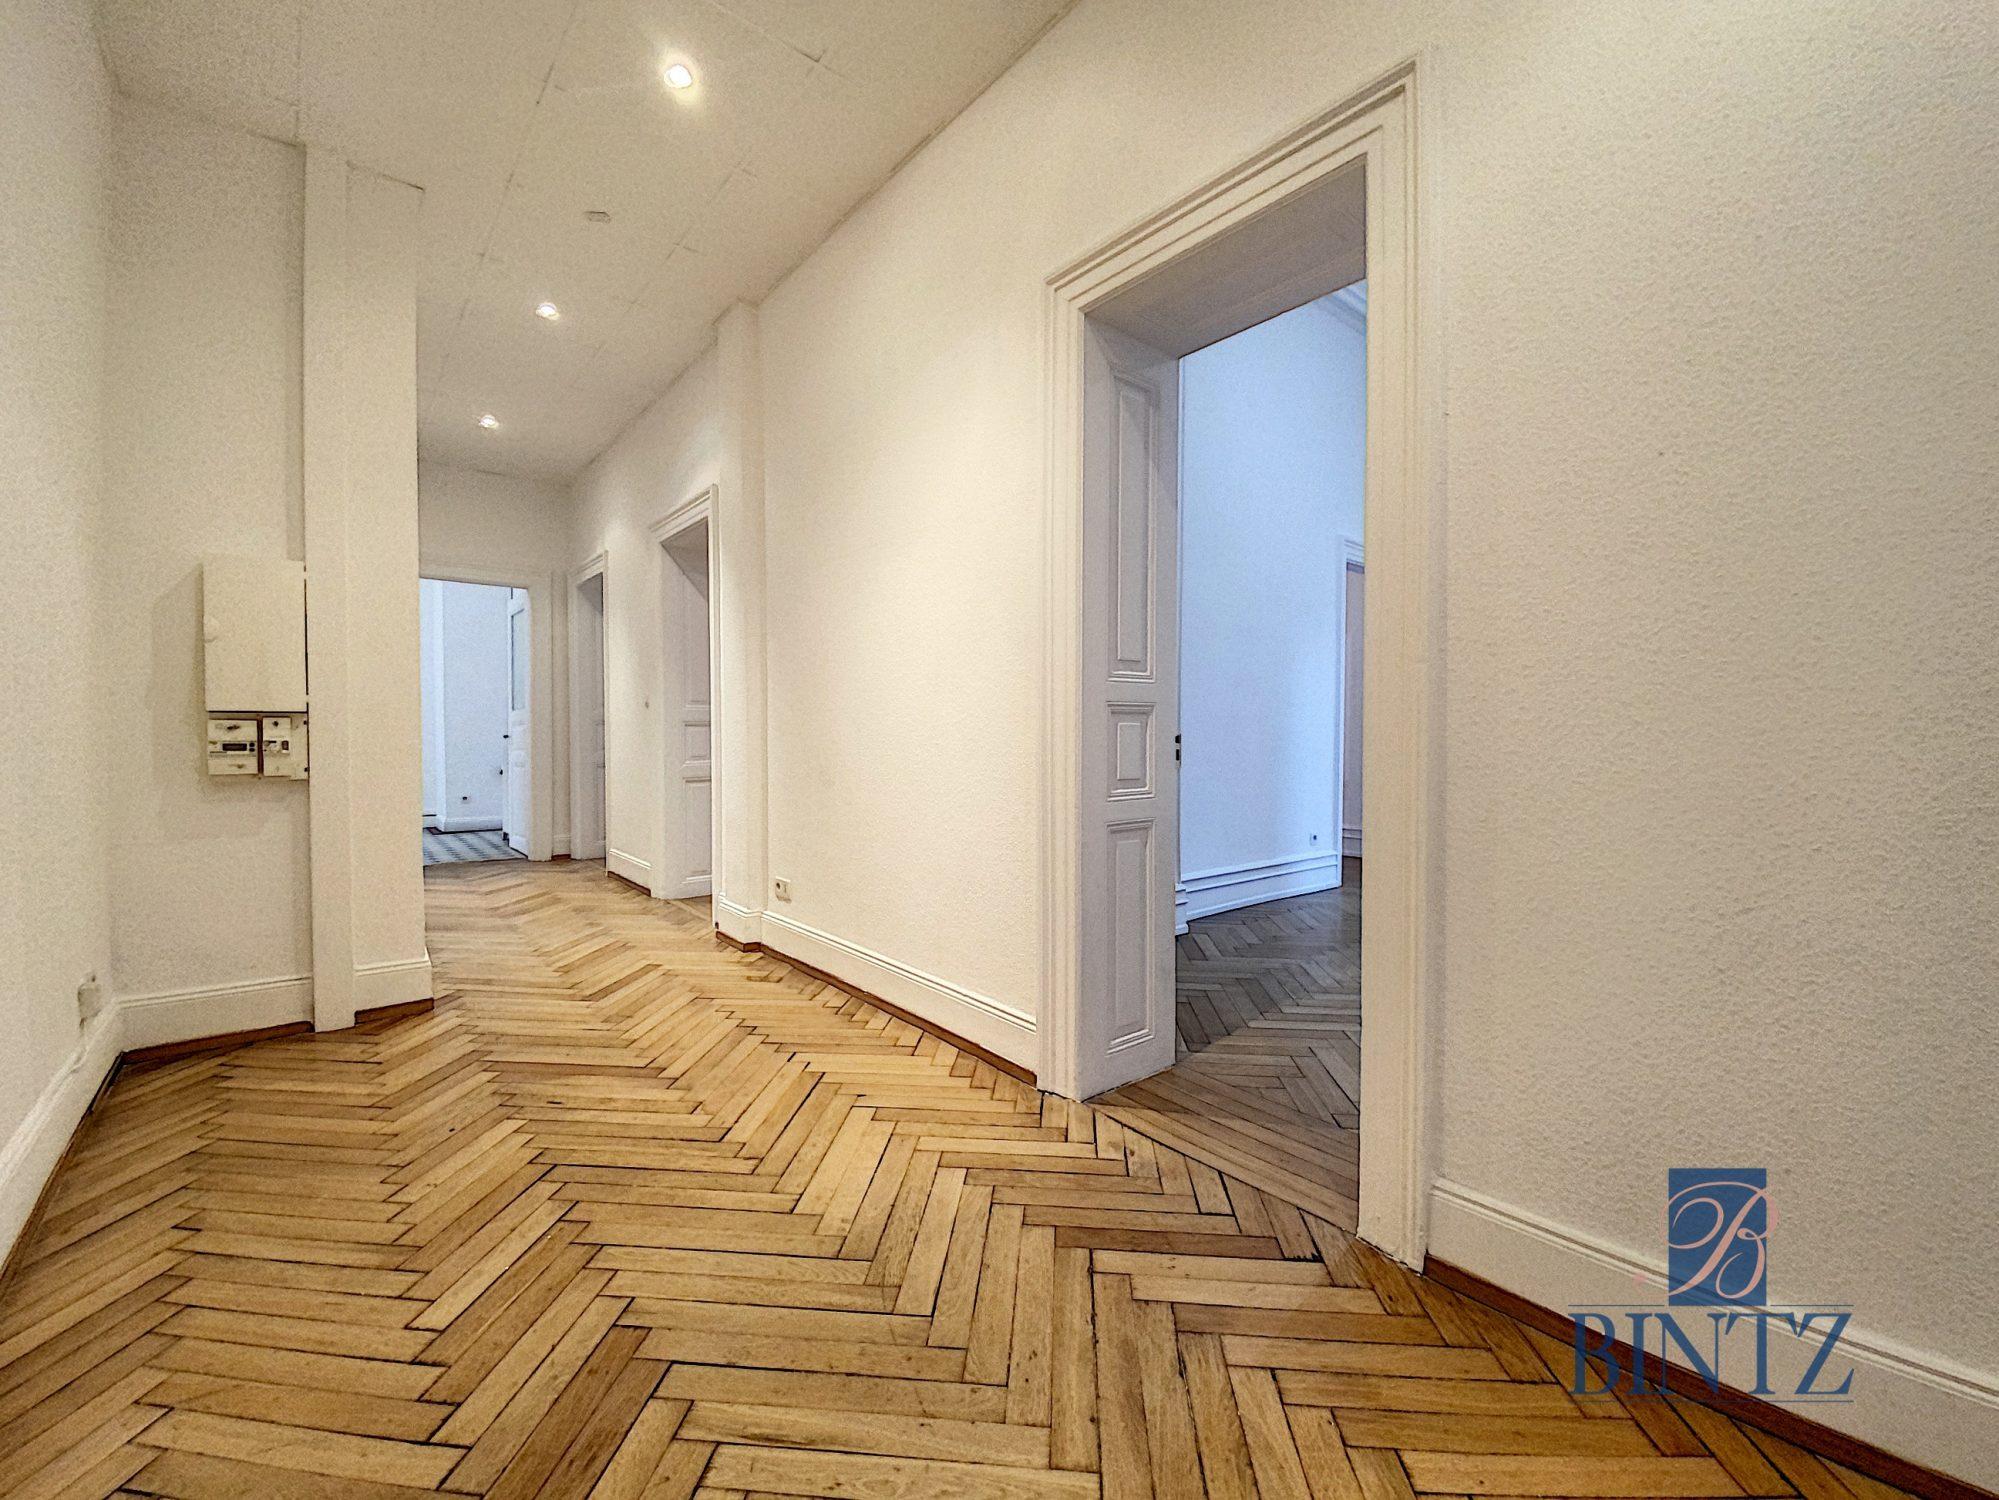 5 pièces rue Wimpheling - Devenez locataire en toute sérénité - Bintz Immobilier - 7